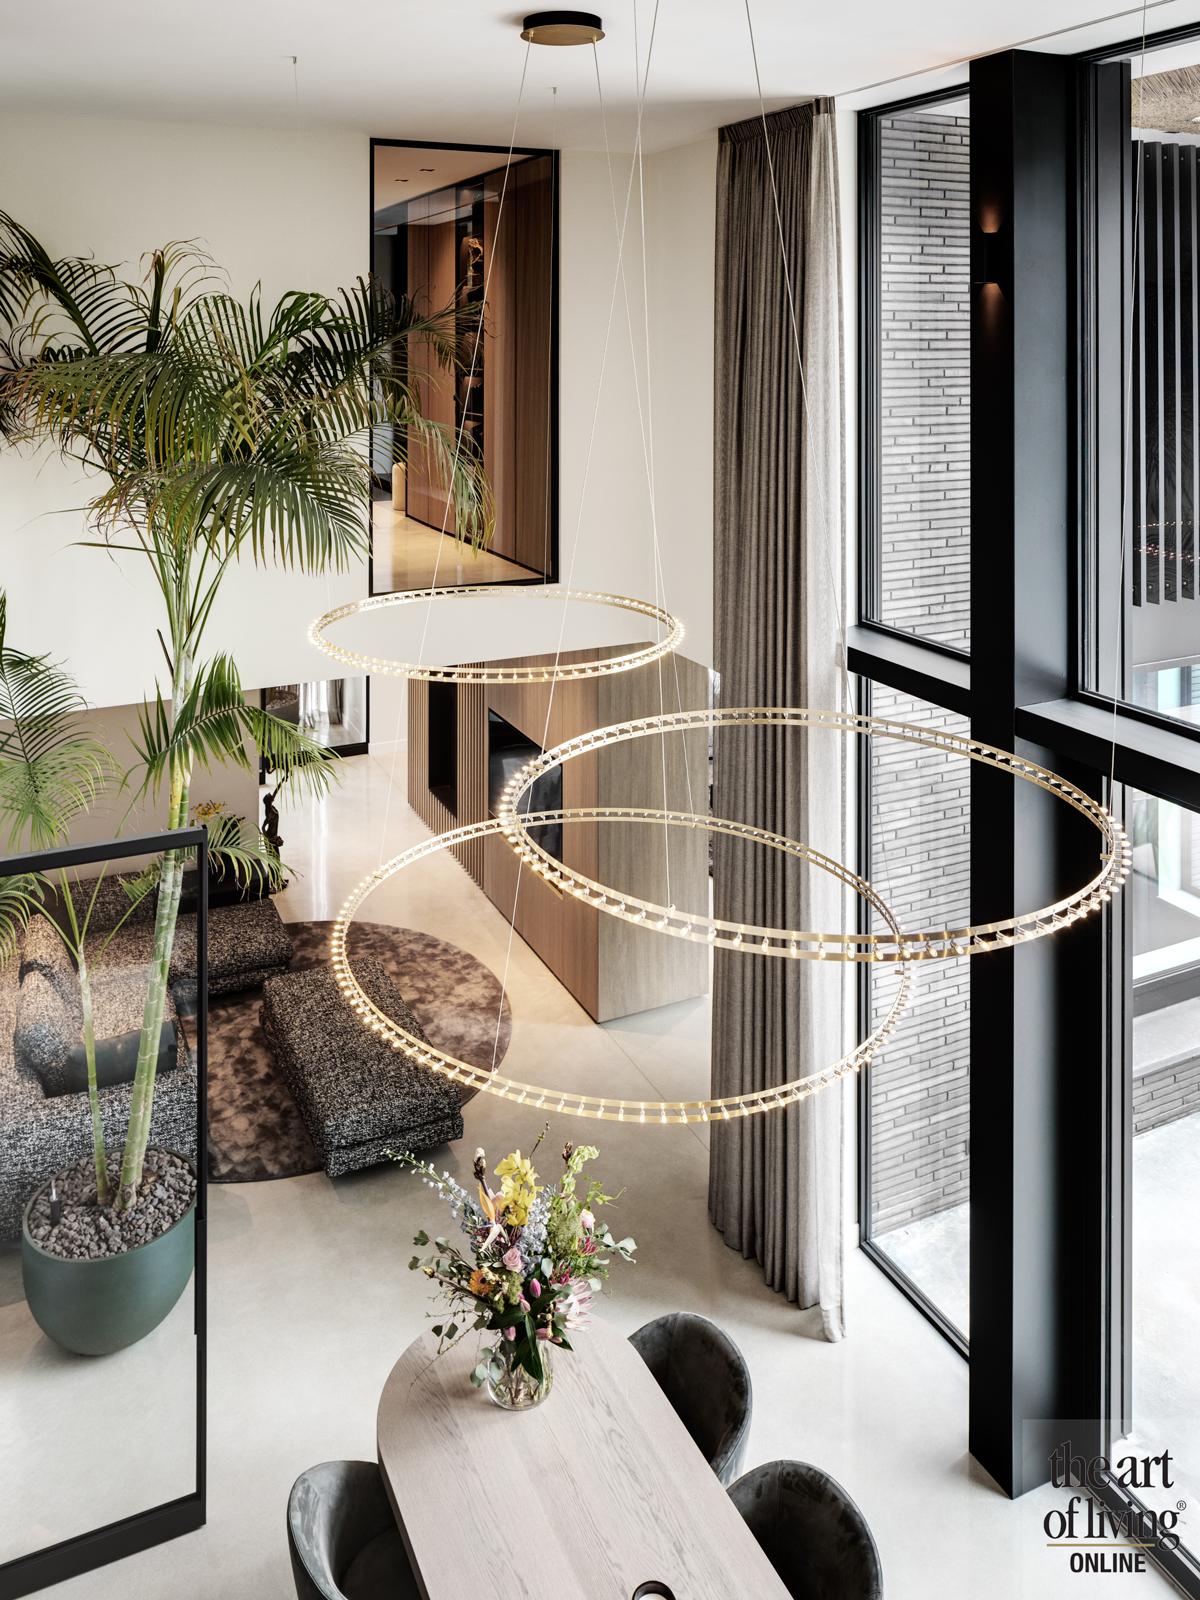 Wooninspiratie   Marco van Veldhuizen en habe bouwen, the art of living